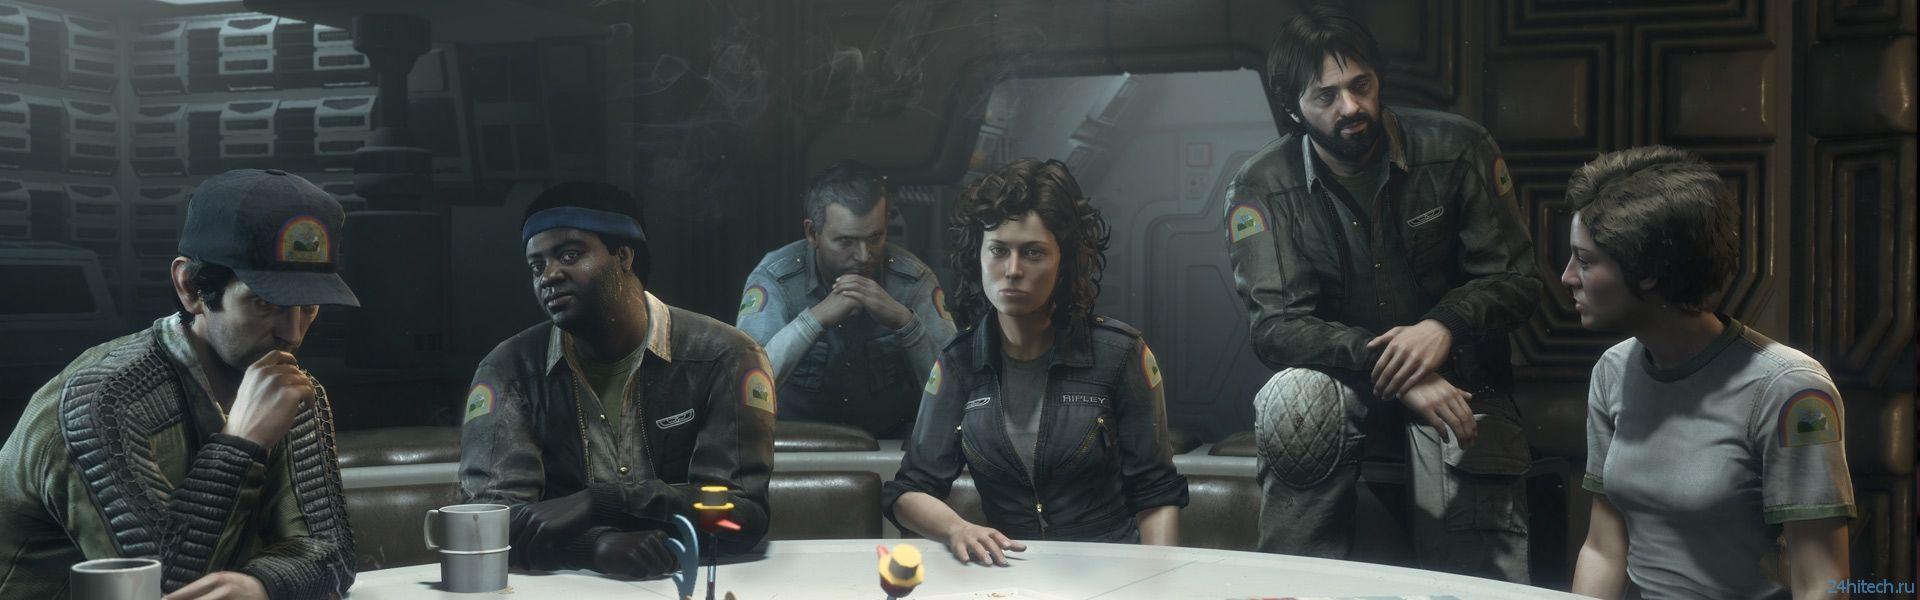 Актёры из классического фильма «Чужие» появятся в Alien: Isolation